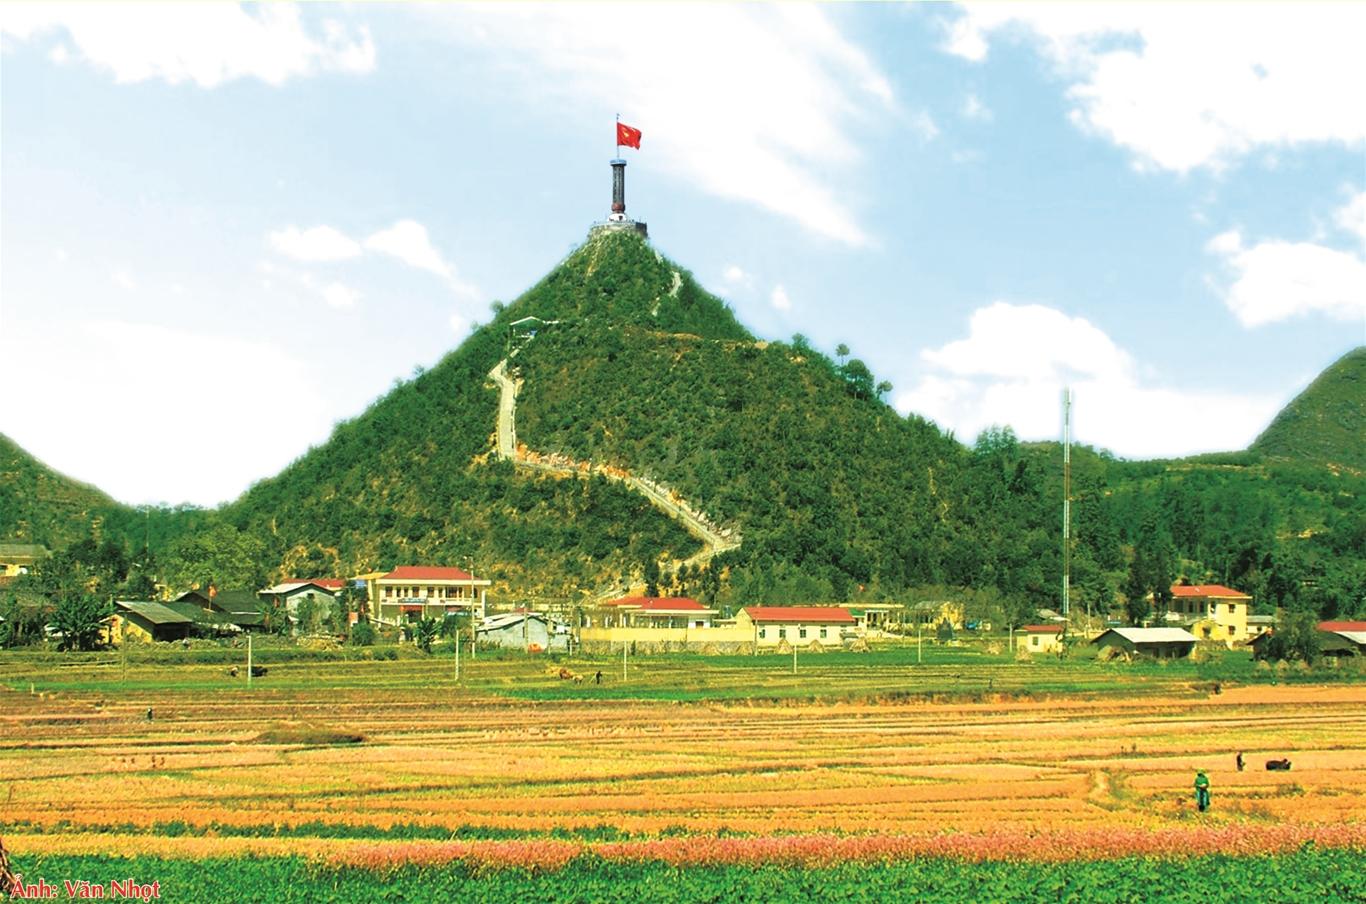 Tour du lịch Hà Giang 3 đêm 2 ngày